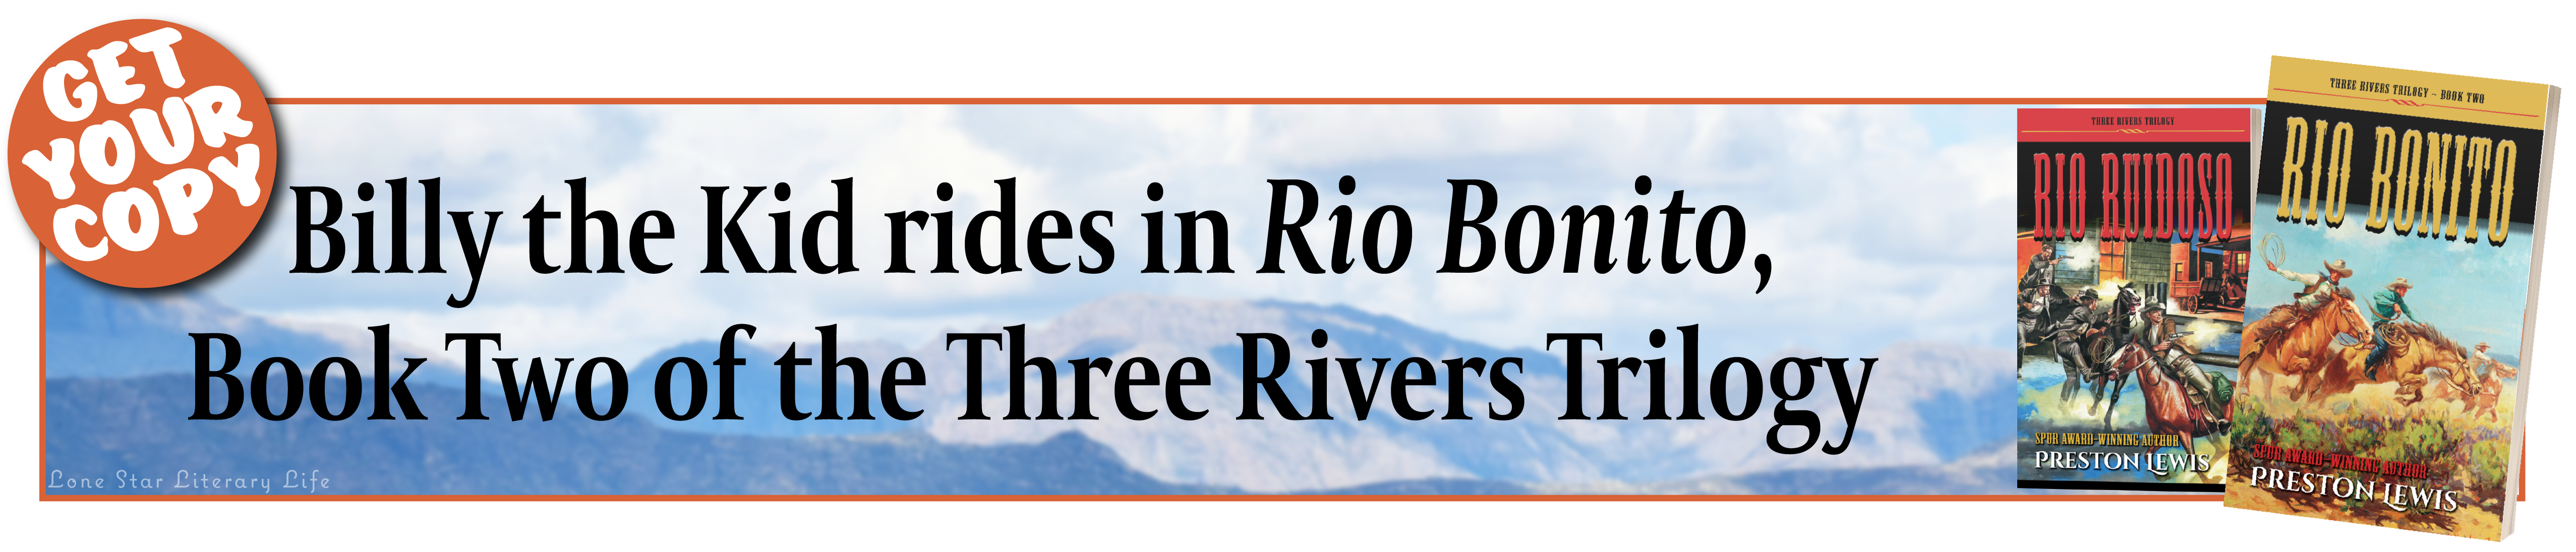 XTRA Rio Bonito Ad